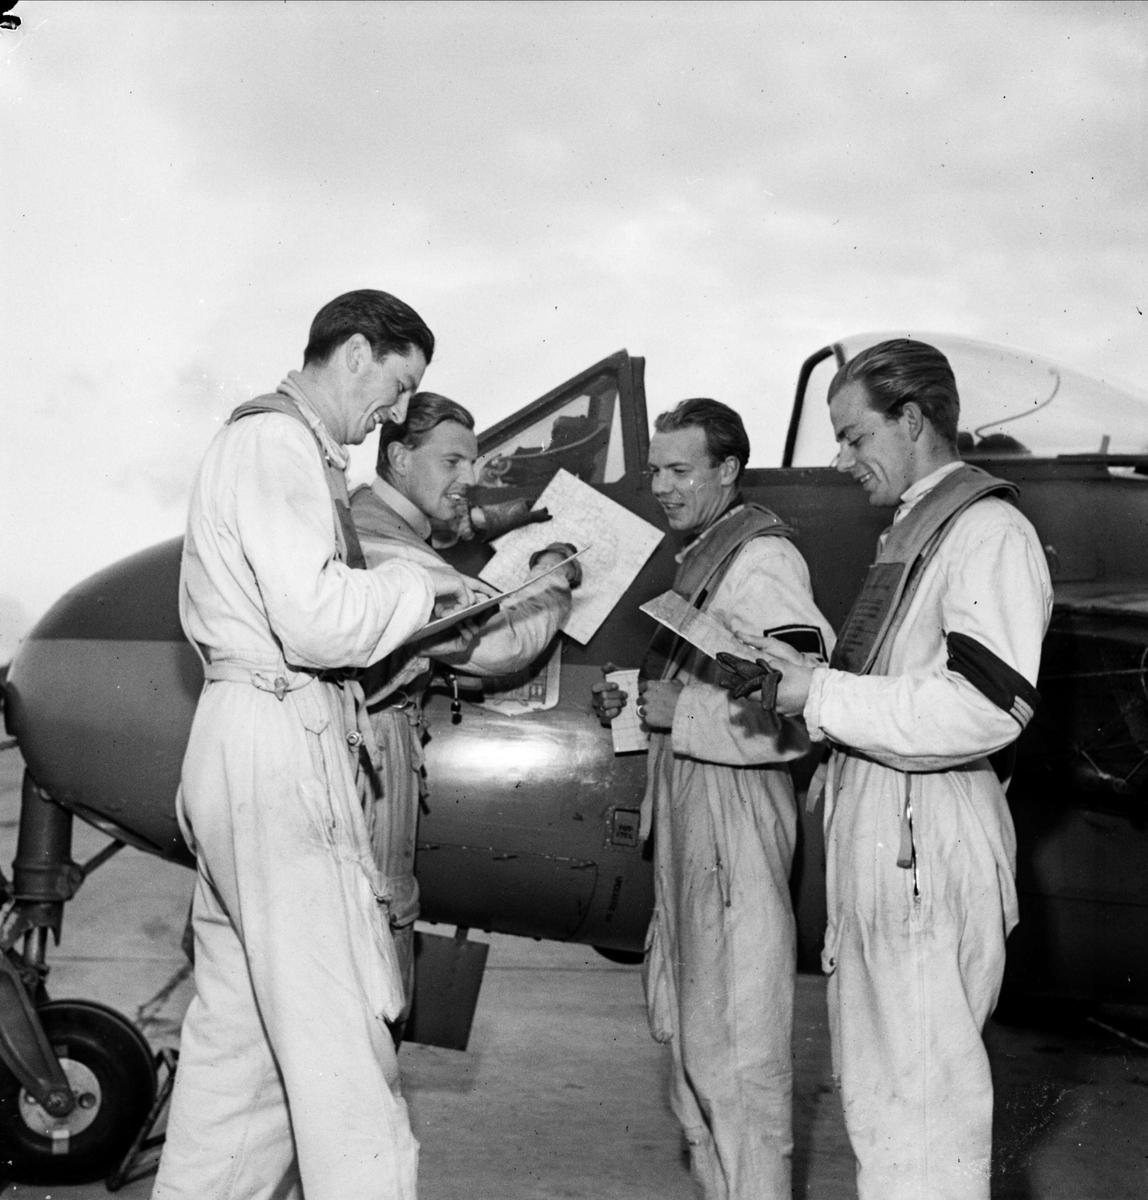 Flygeskader har övning, sannolikt F 16 Upplands Flygflottilj, Ärna, Uppsala 1948